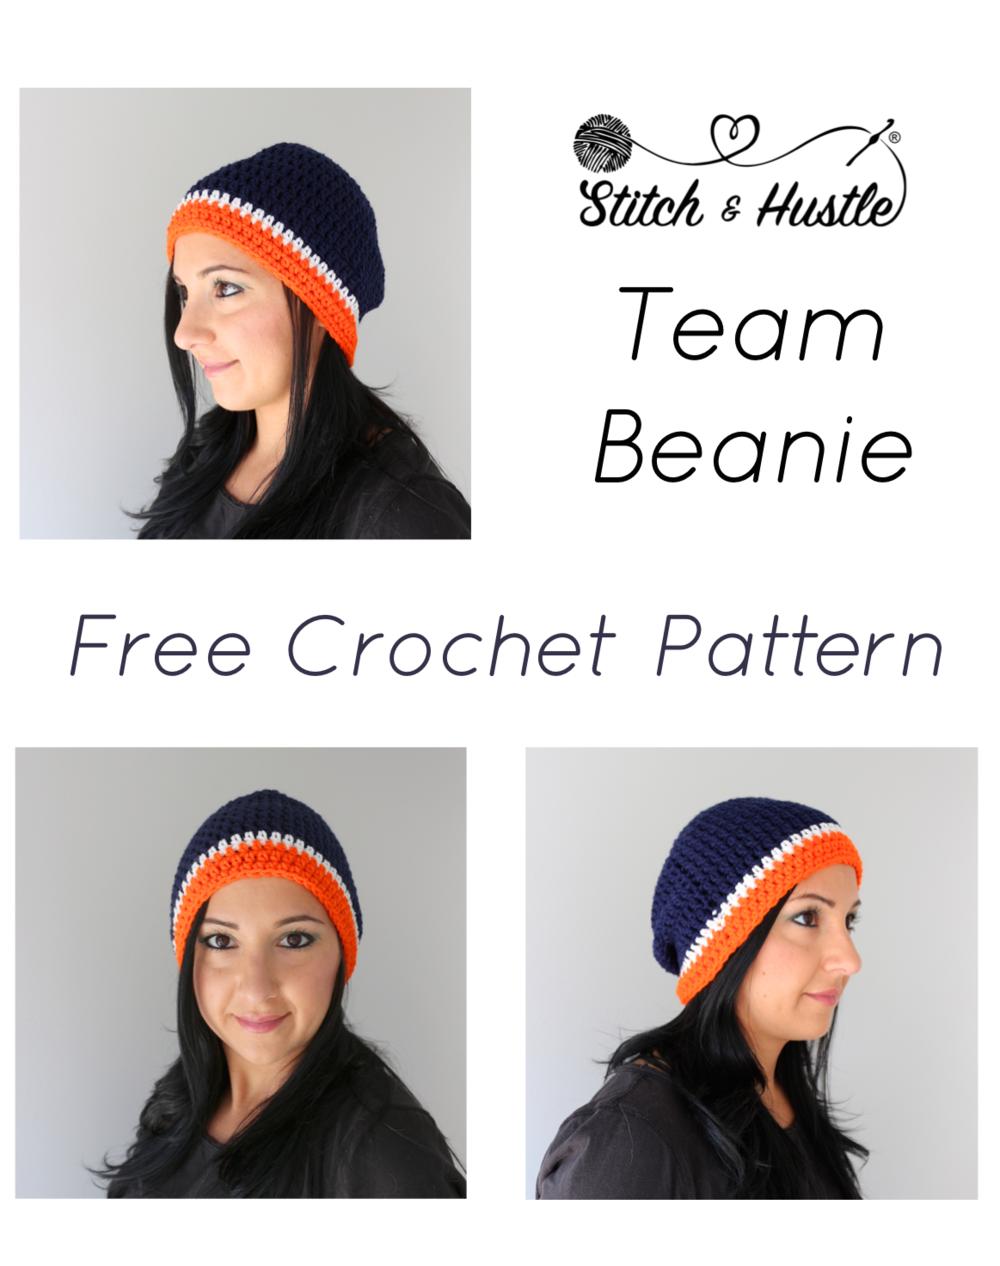 teambeanie_free_crochet_pattern.png